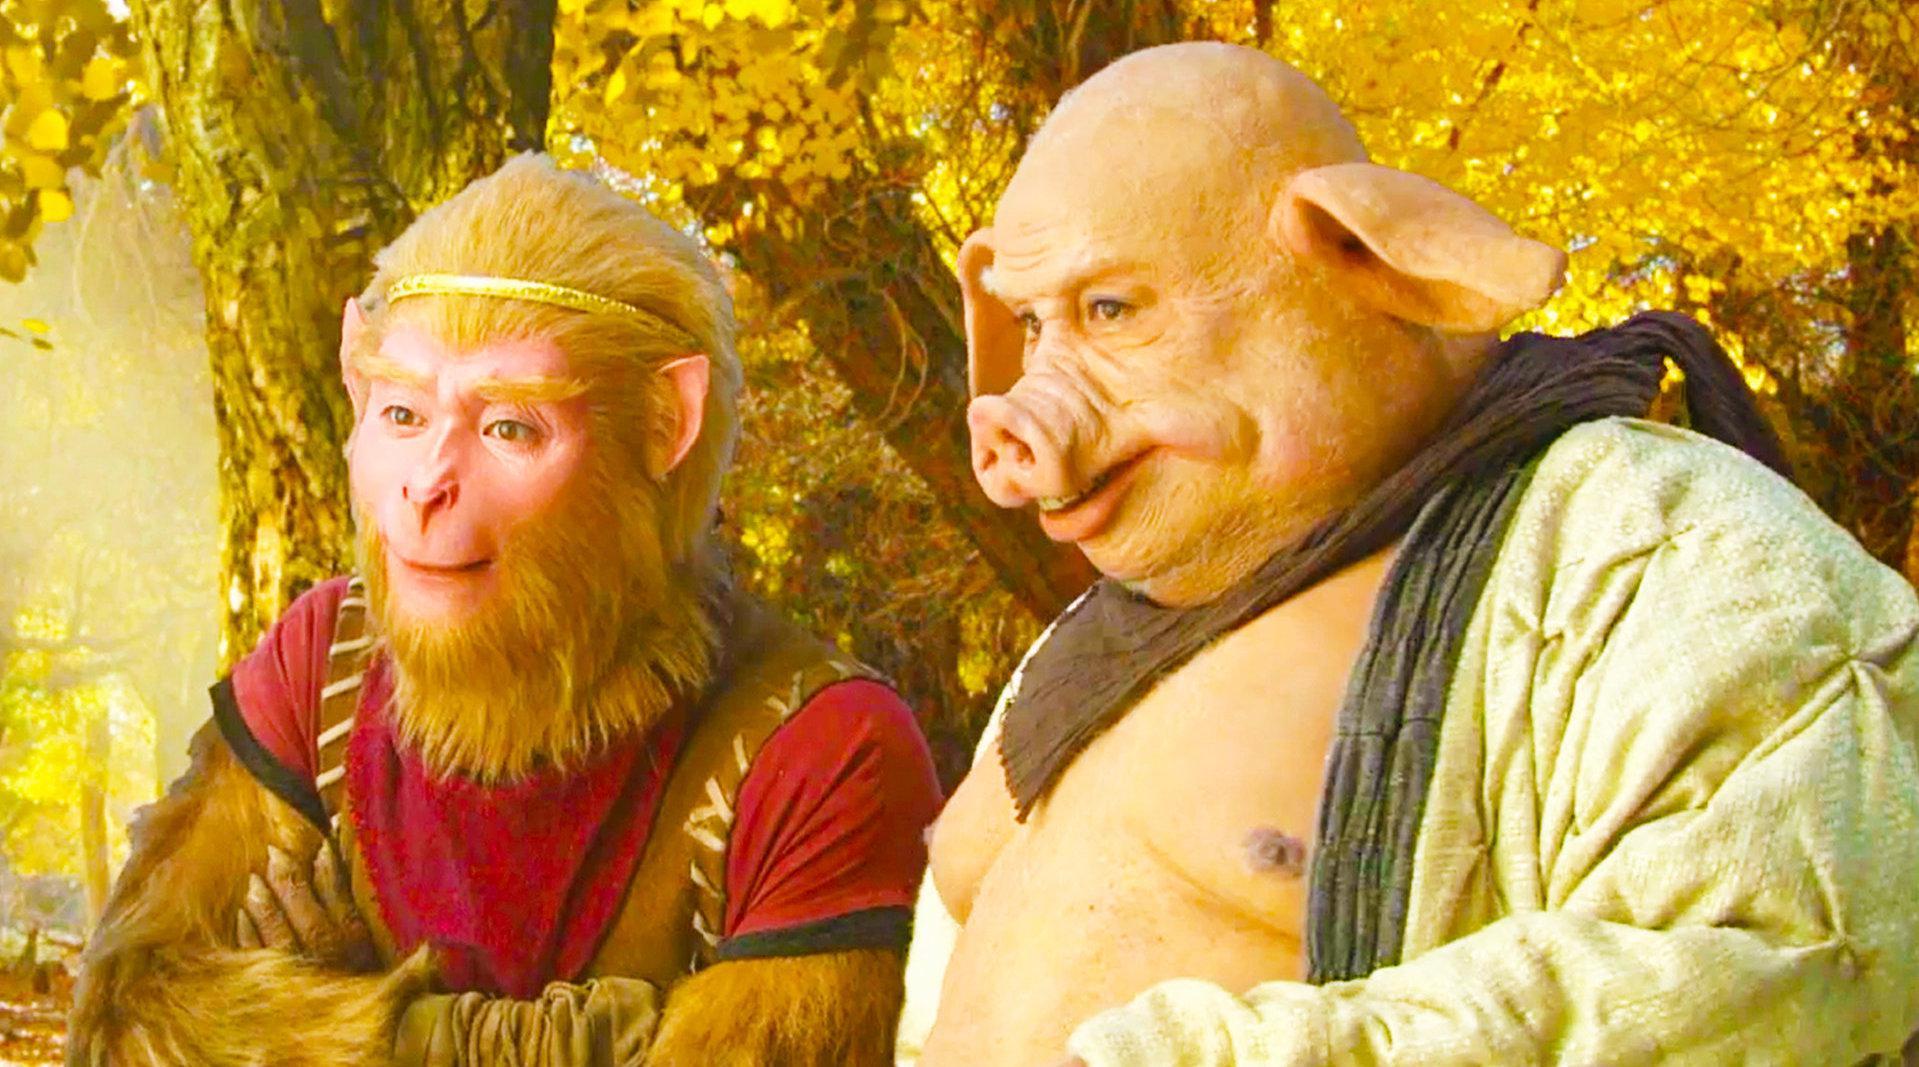 为何乌巢禅师认识猪八戒,却不知孙悟空?他推算的结果为何错了?